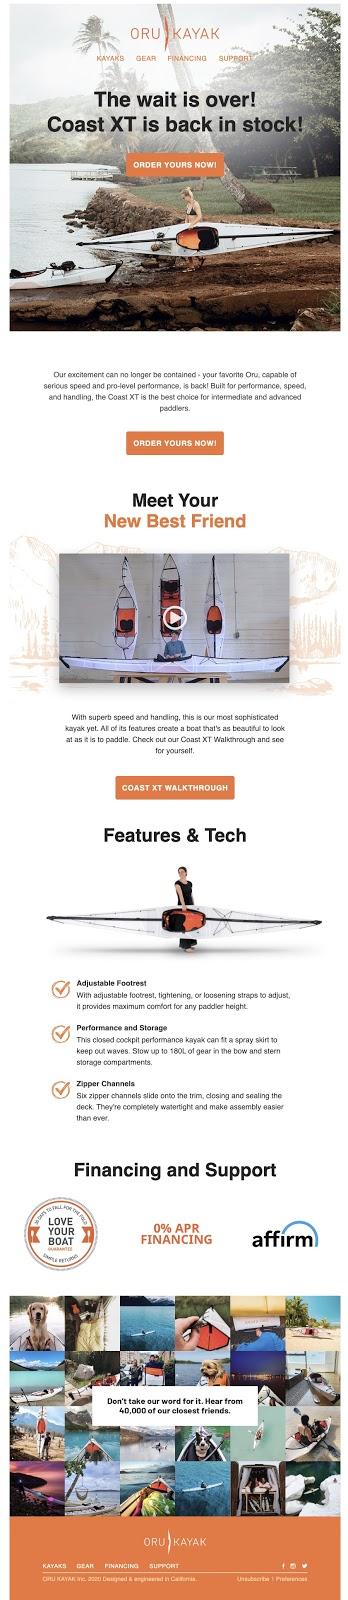 Oru Kayak Segmented Email Marketing Example Shopify